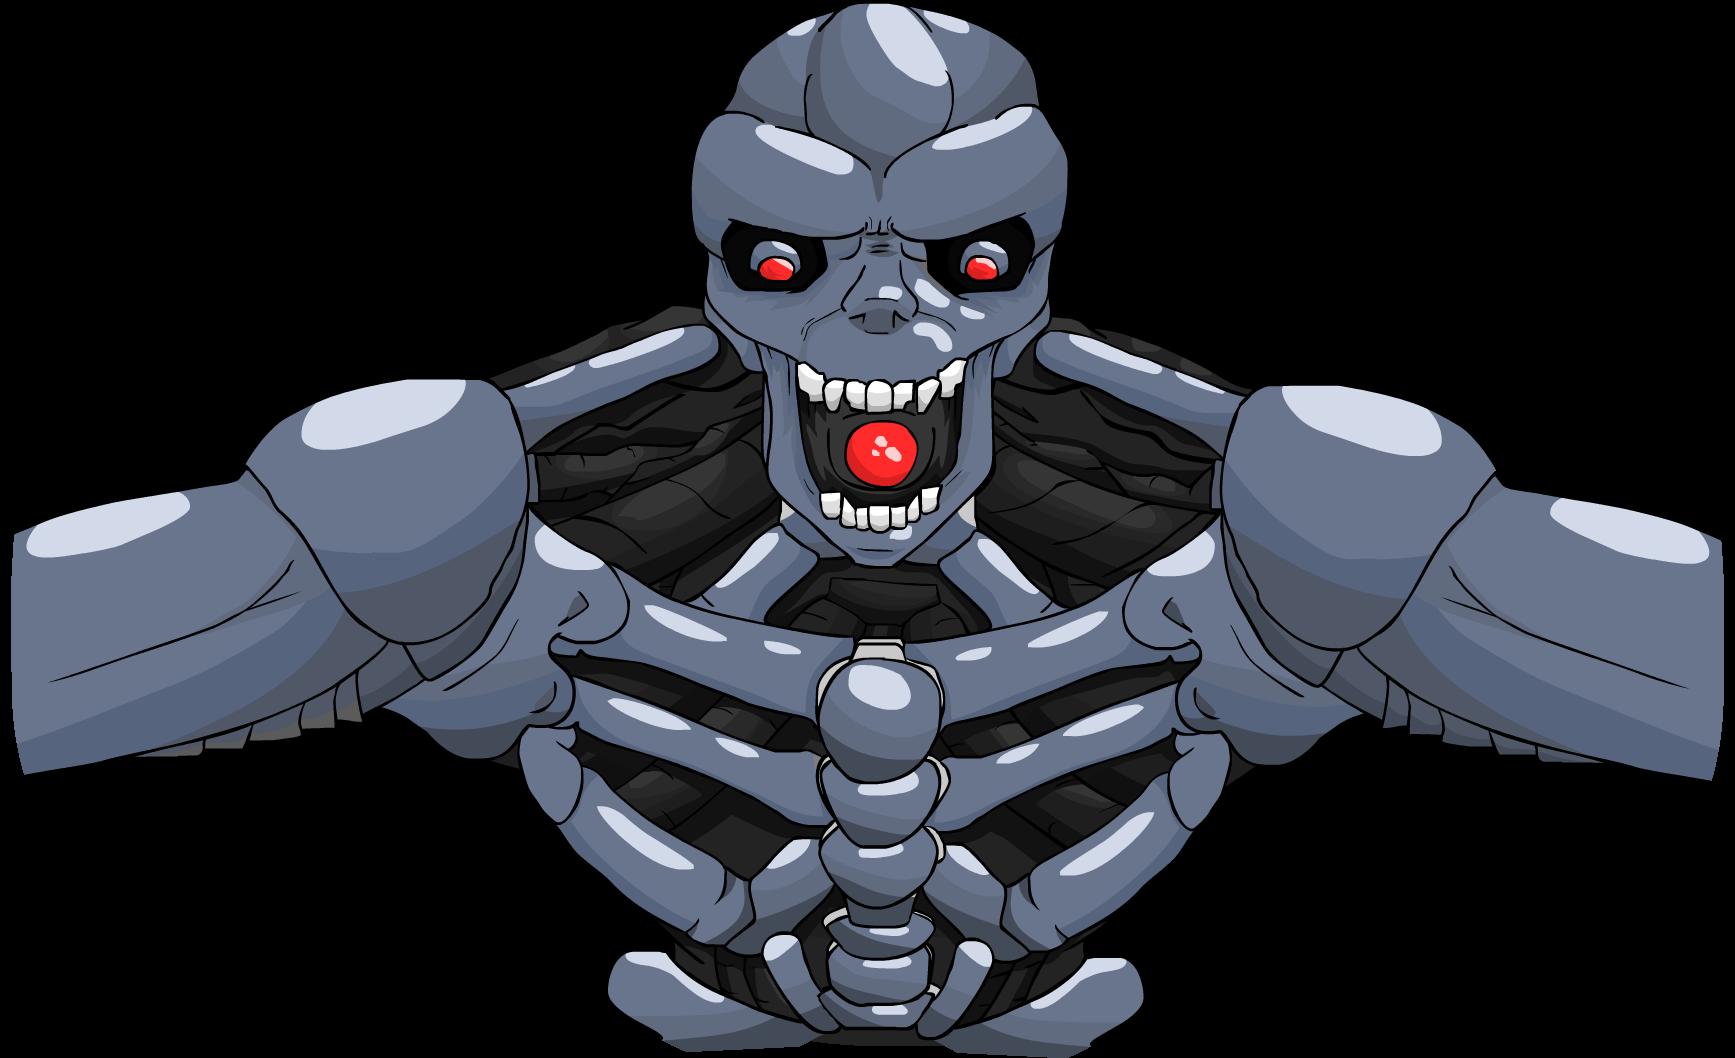 Robocorpse